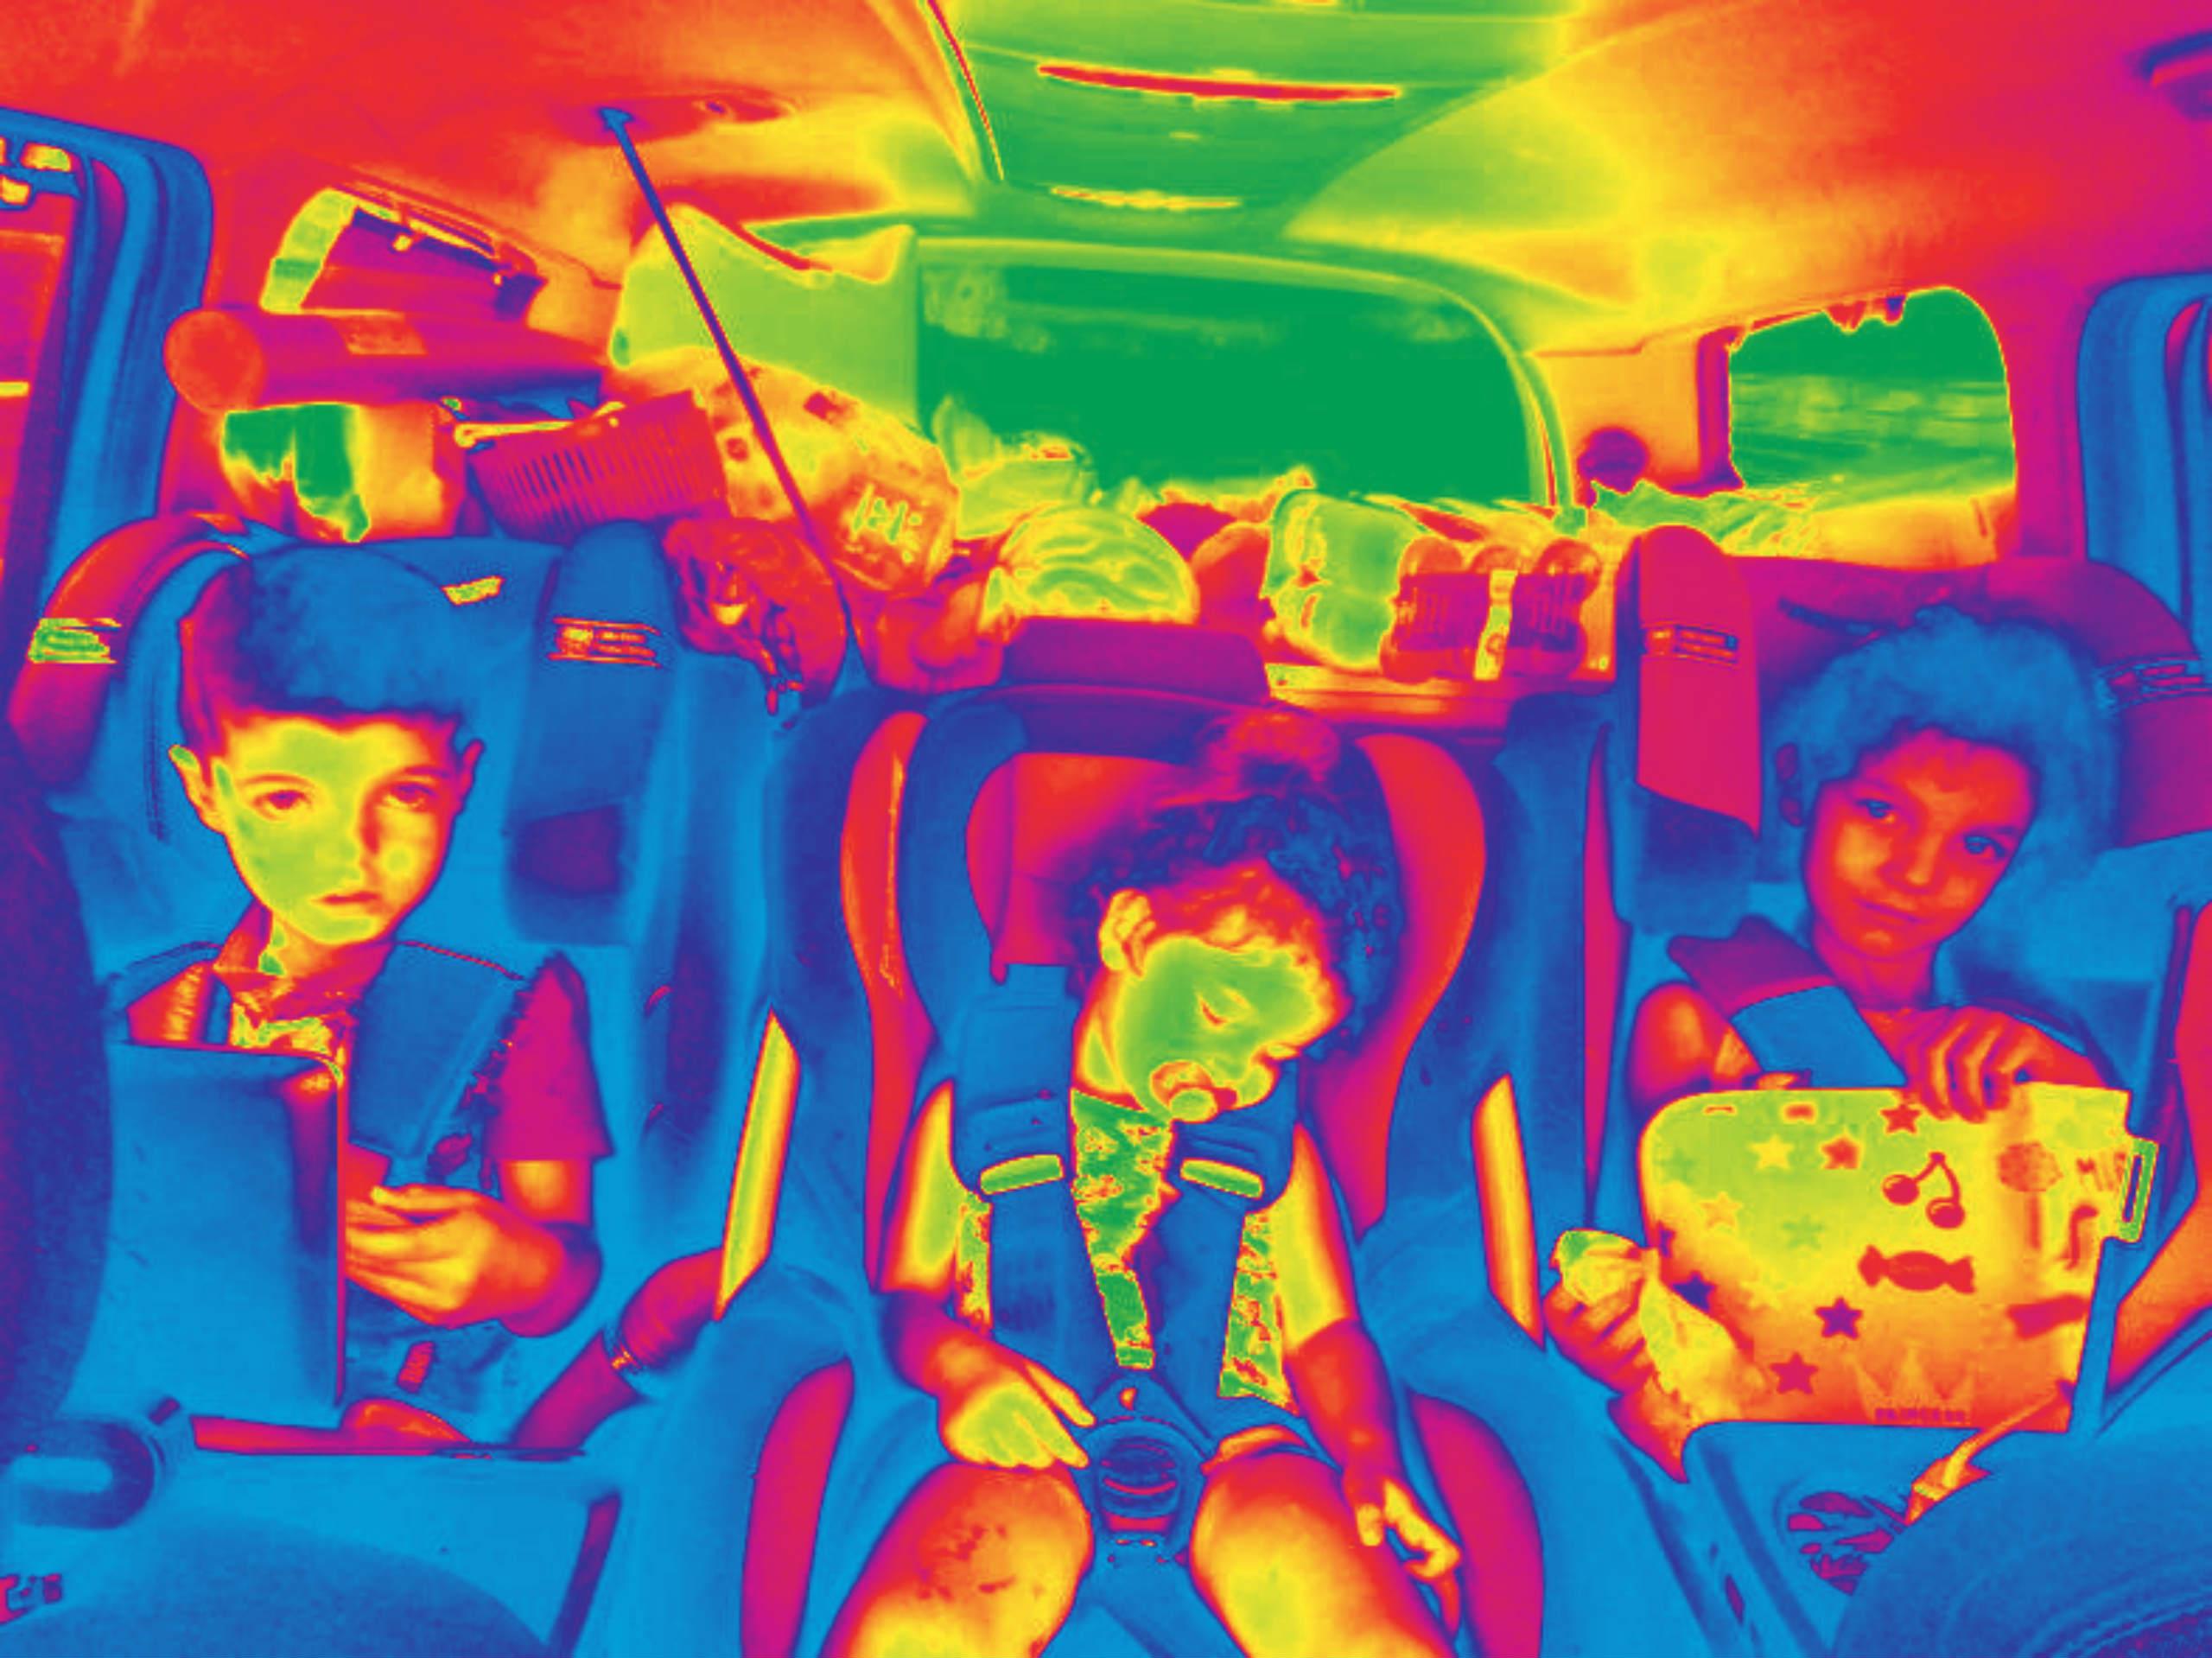 helvetia-tippy-giochi-in-auto